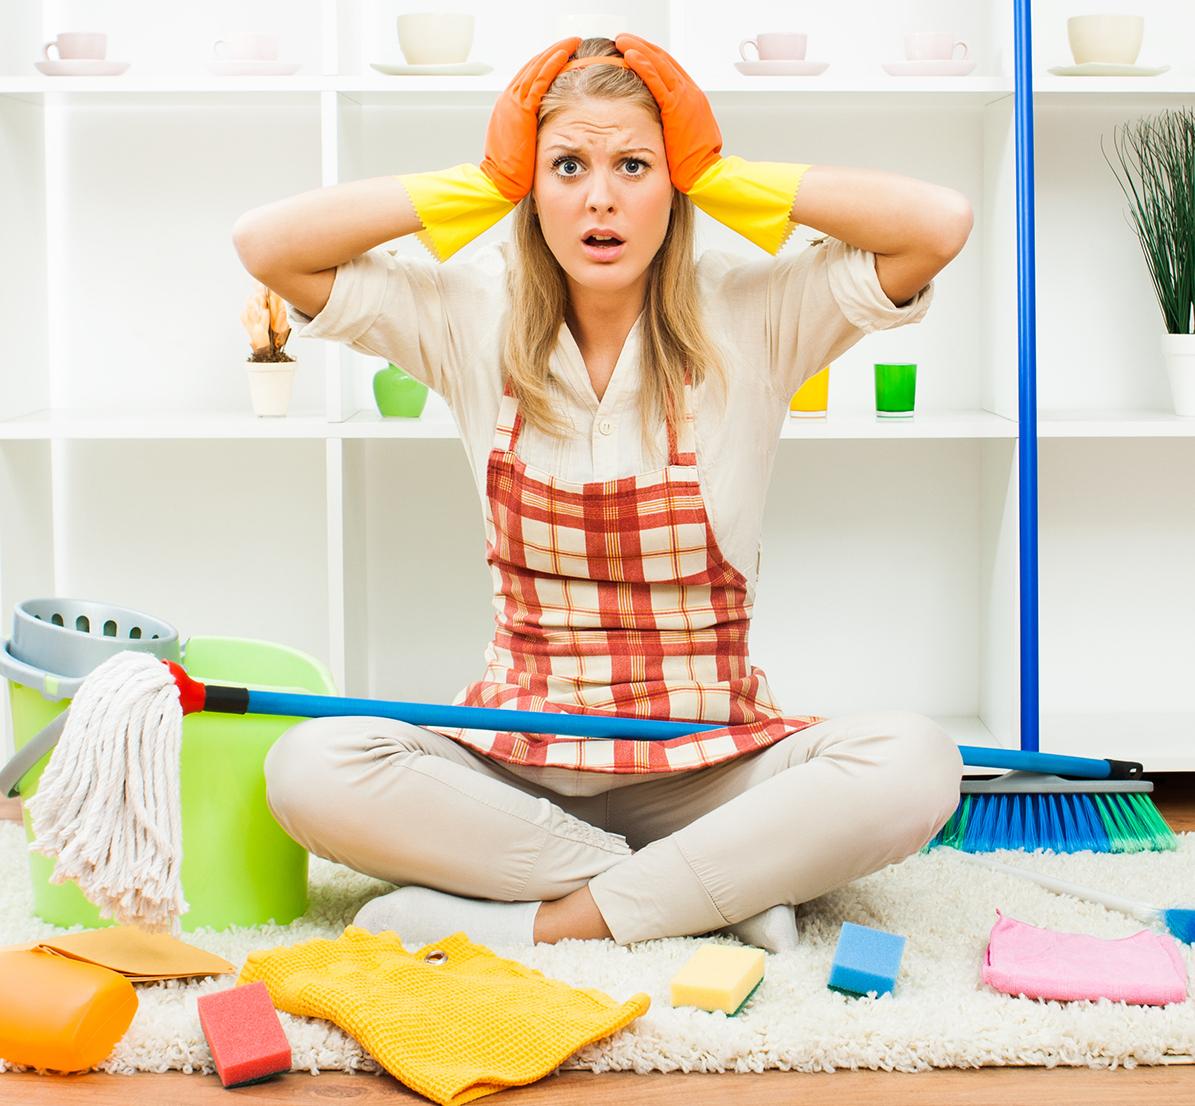 Как заставить себя убраться в квартире, дома: способы мотивации